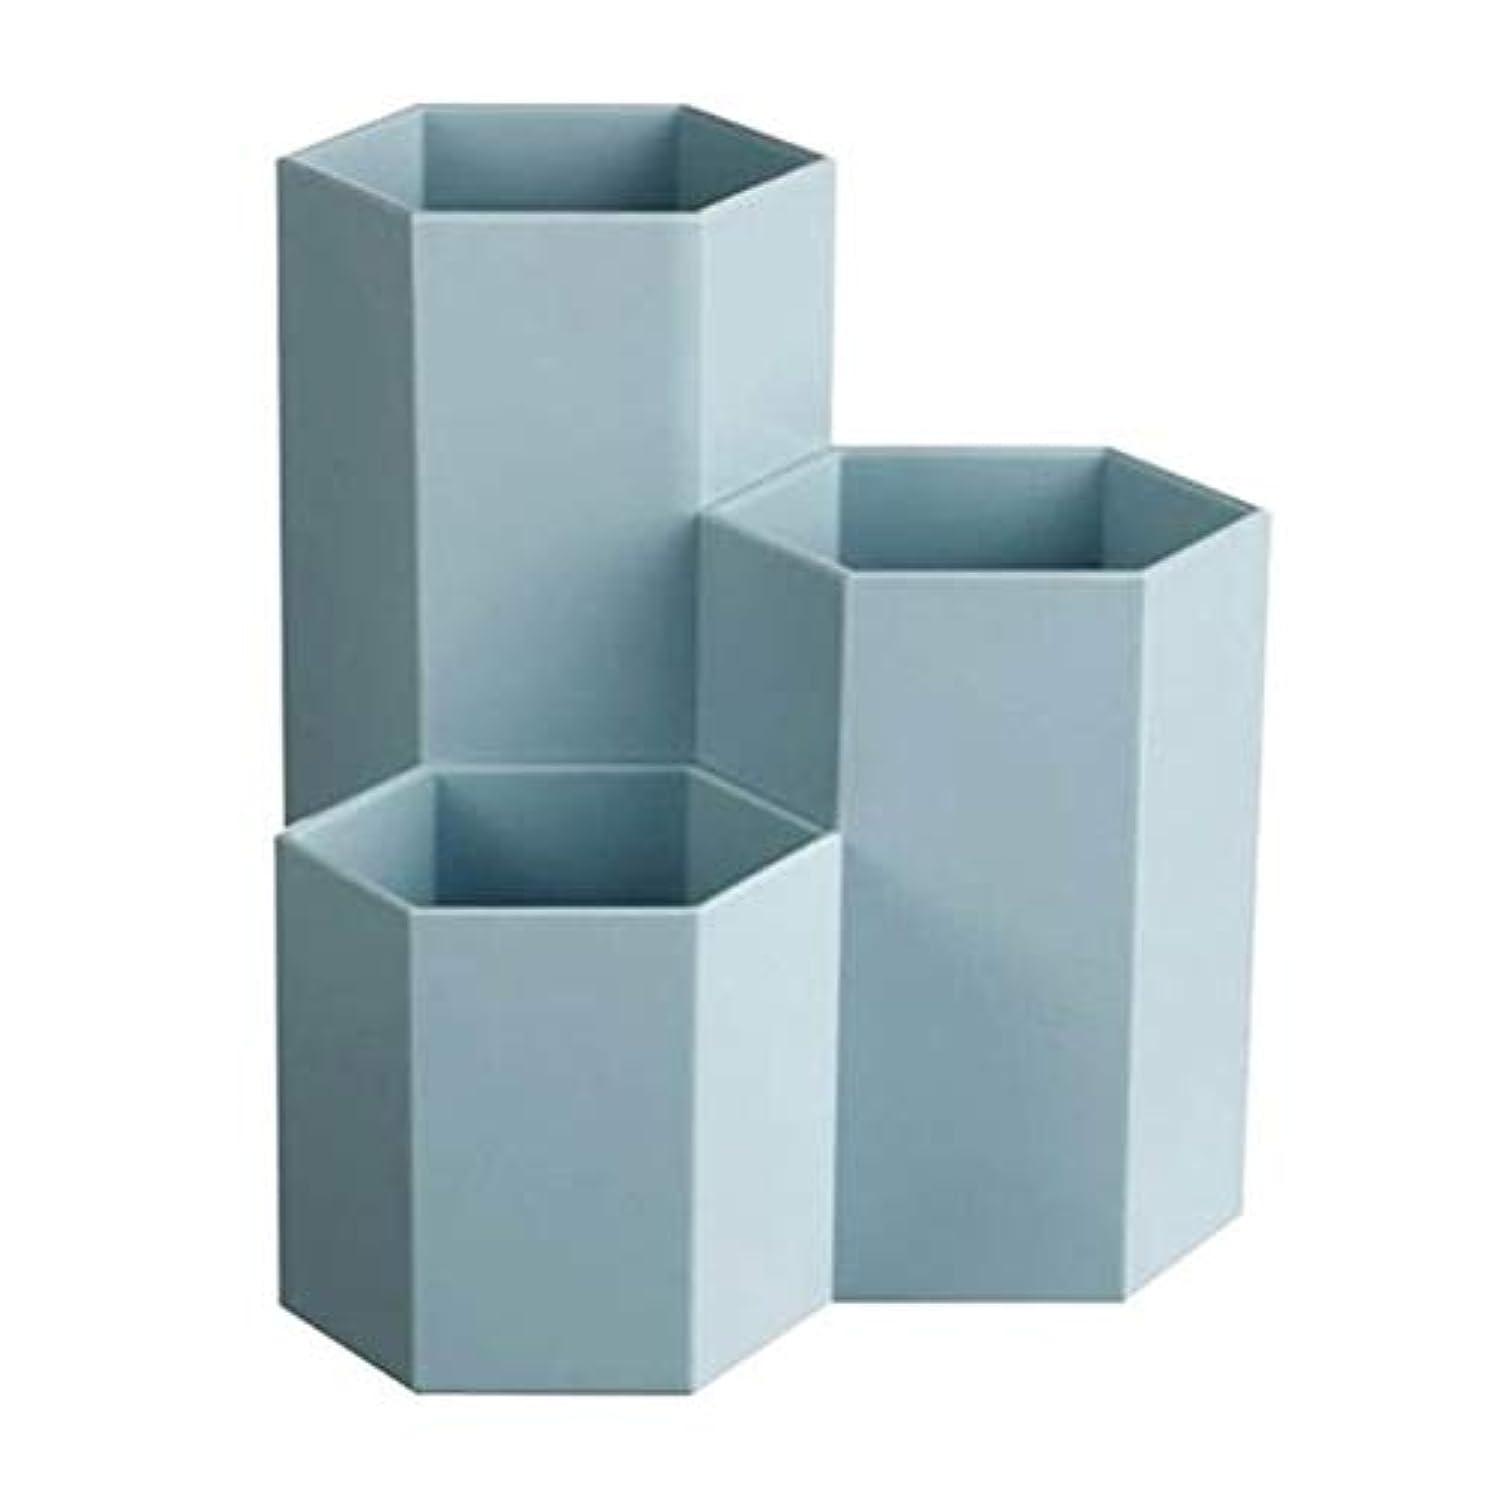 開梱ジュラシックパーク後世TerGOOSE 卓上収納ケース メイクブラシケース メイクブラシスタンド メイクブラシ収納ボックス メイクケース ペンホルダー 卓上文房具収納ボックス ペン立て 文房具 おしゃれ 六角 3つのグリッド 大容量 ブルー